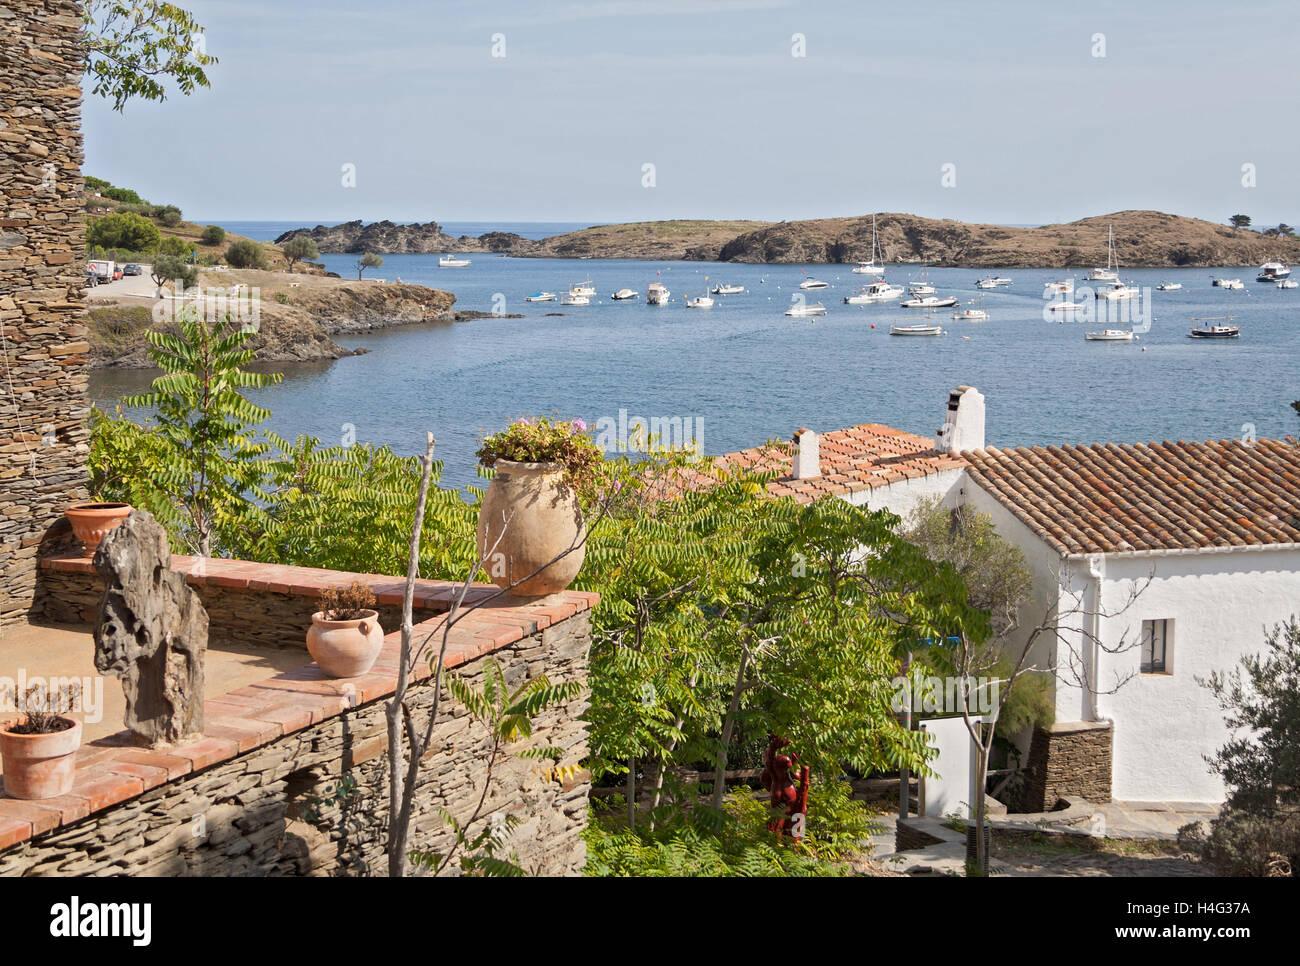 Vista della piccola baia di Port Lligat in Catalogna, Spagna Immagini Stock